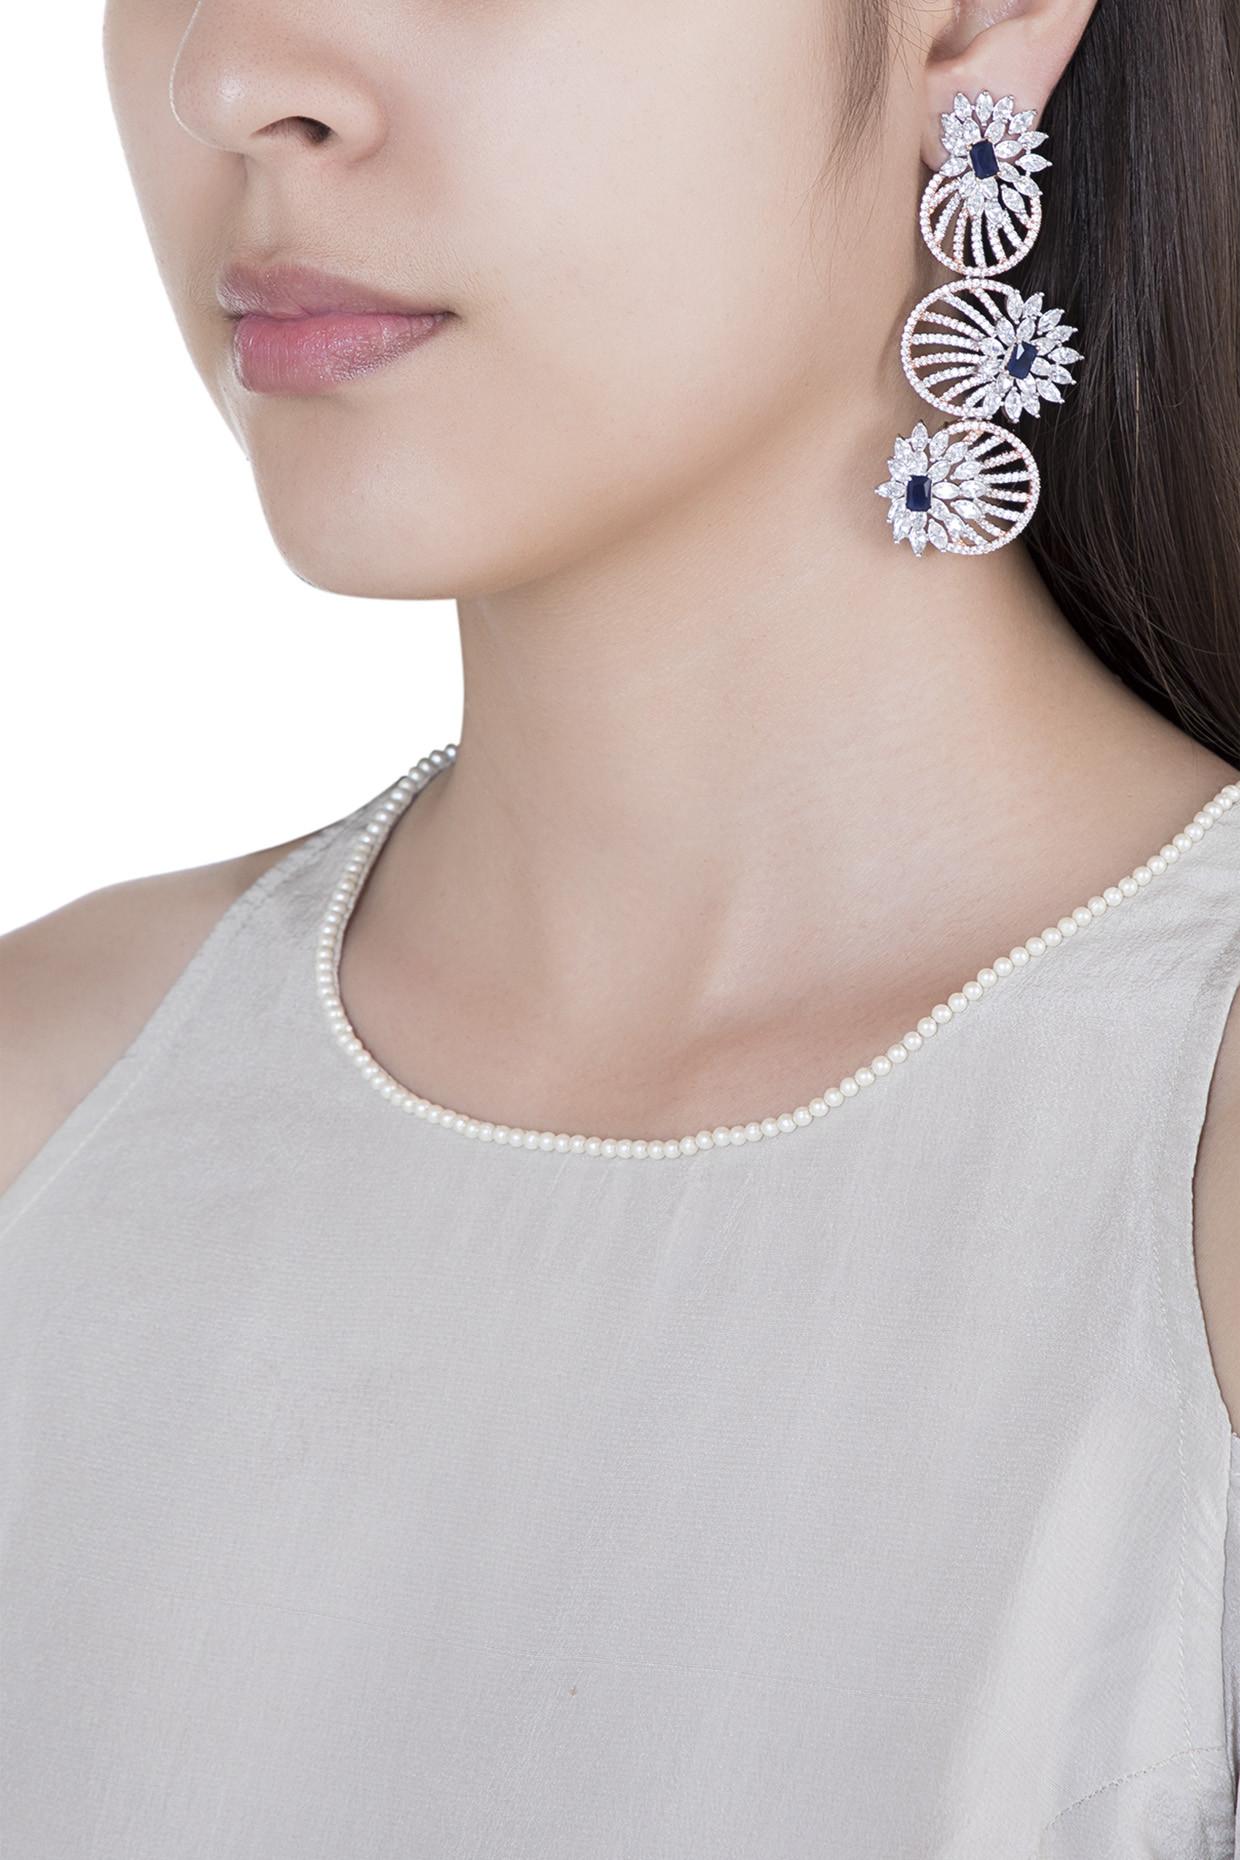 Silver plated faux diamond long dangler earrings by Aster